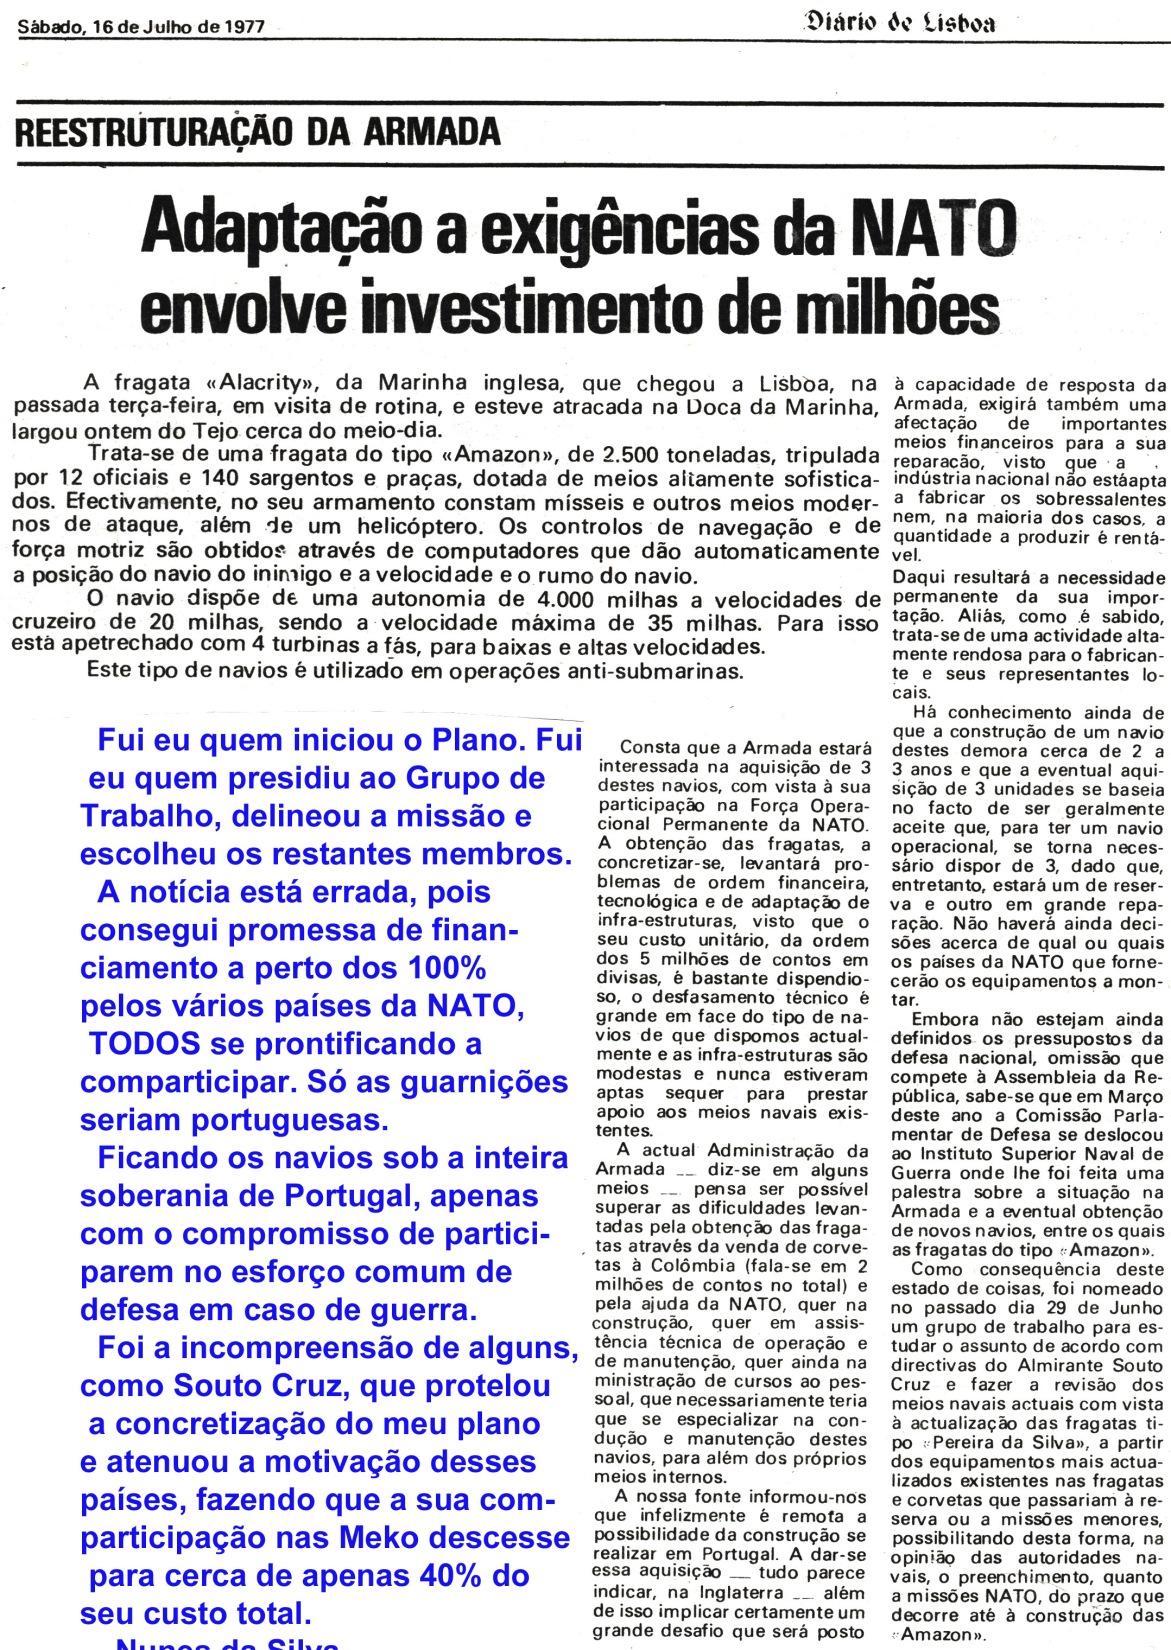 00832 977-07-16 Notícia do Diário de Lisboa sobre a restruturação dos navios da Armada parte 1 de 3